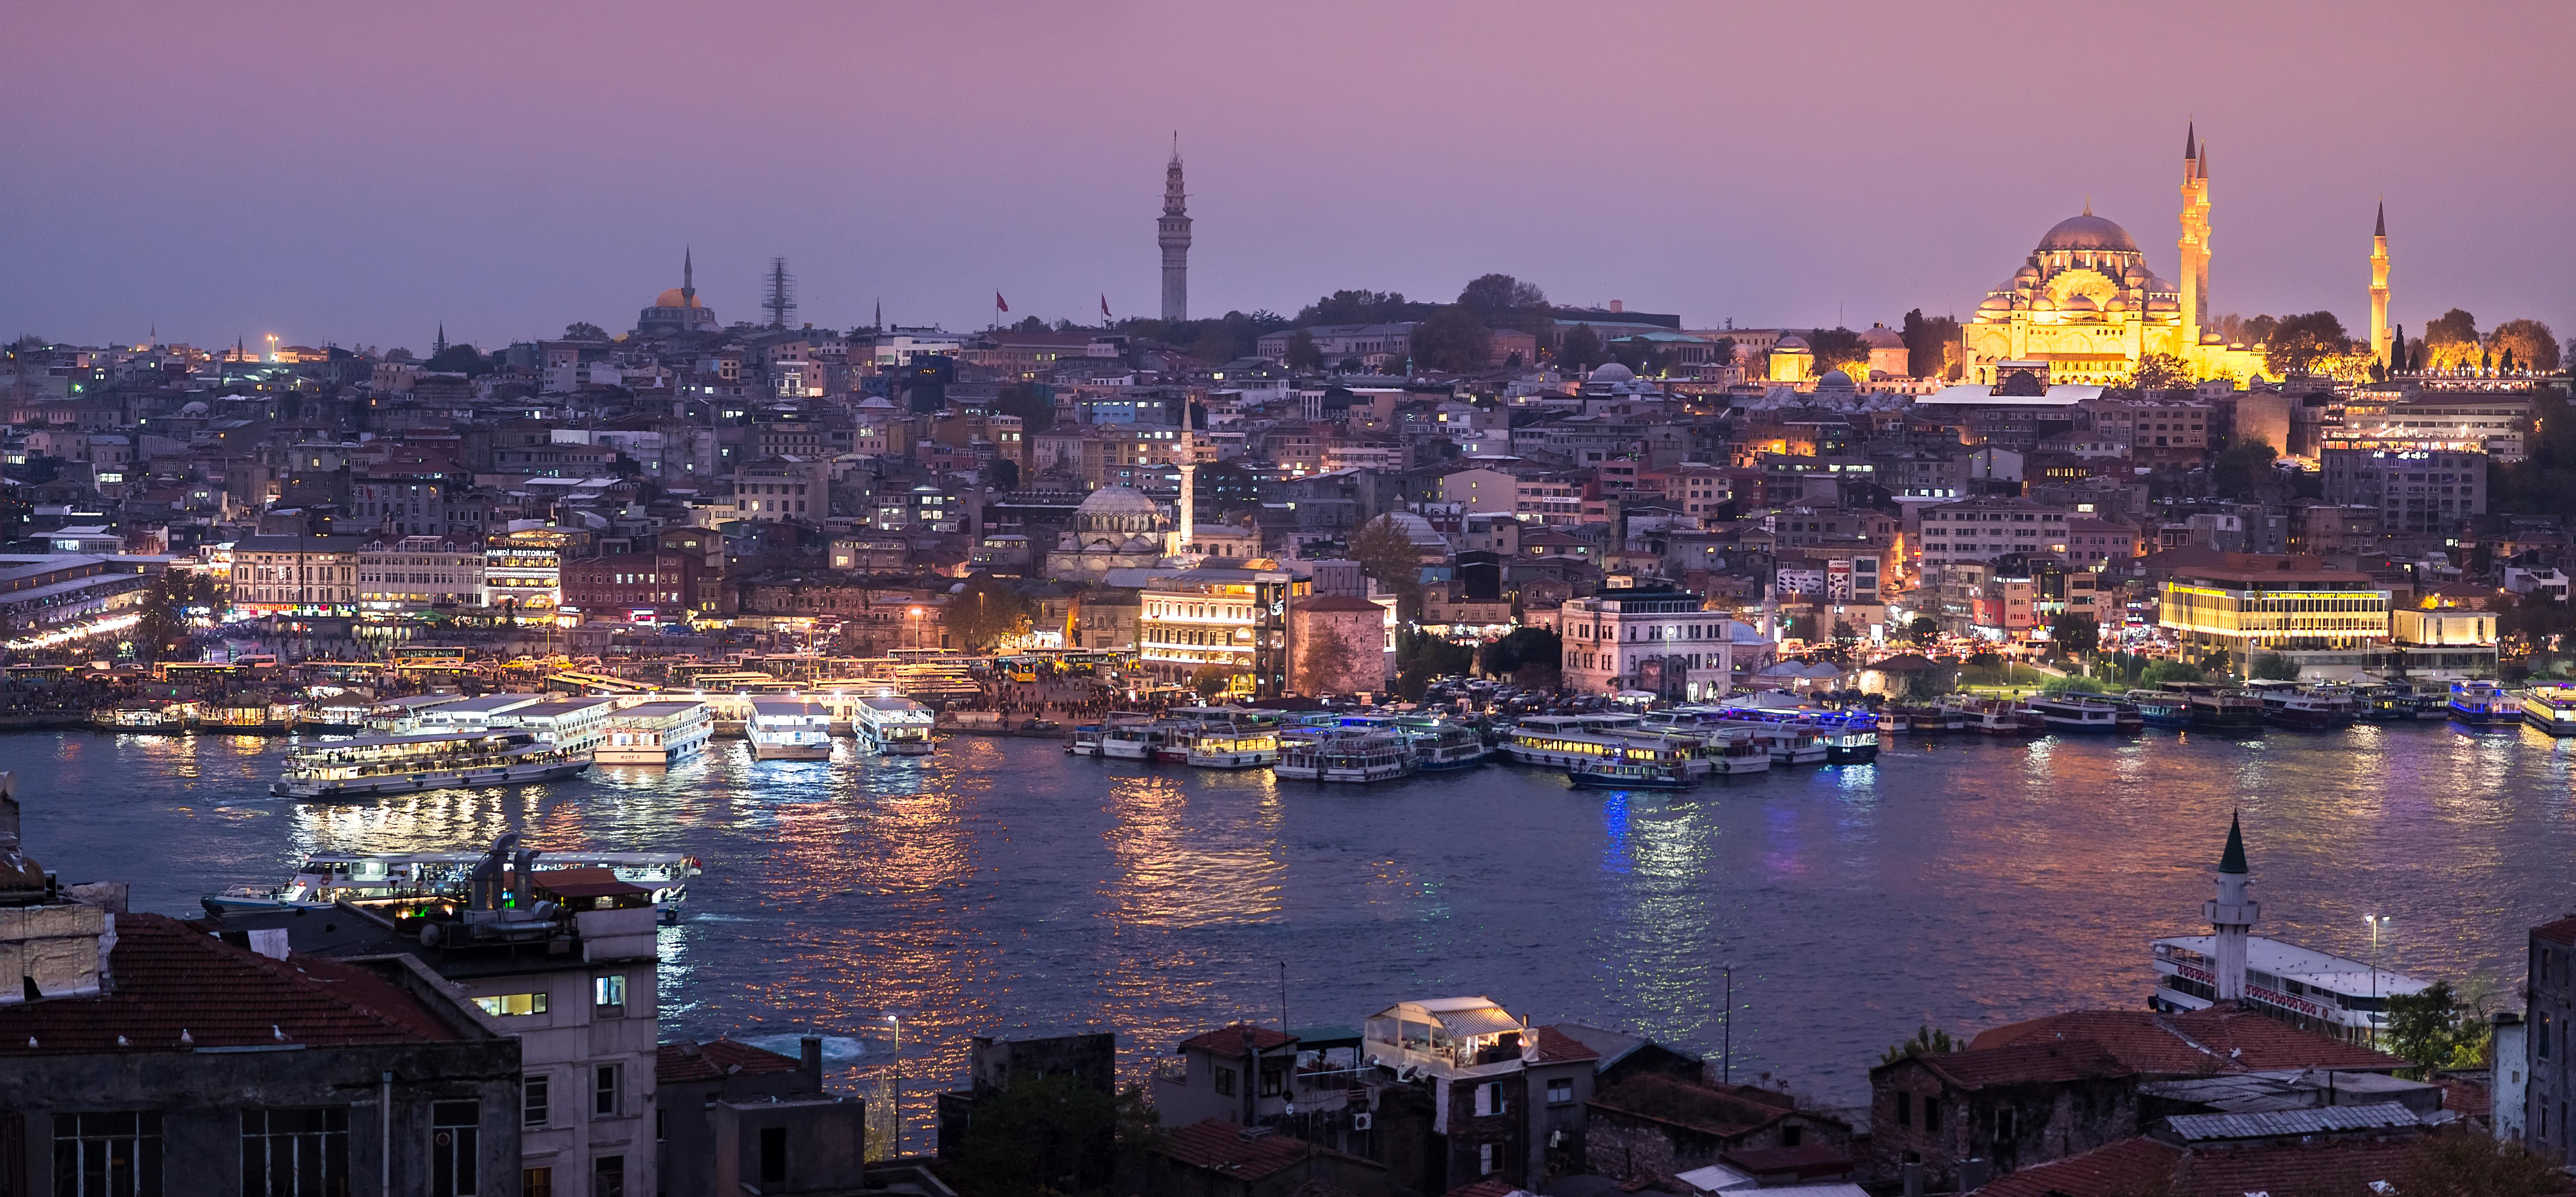 istanbul 4K Resimleri